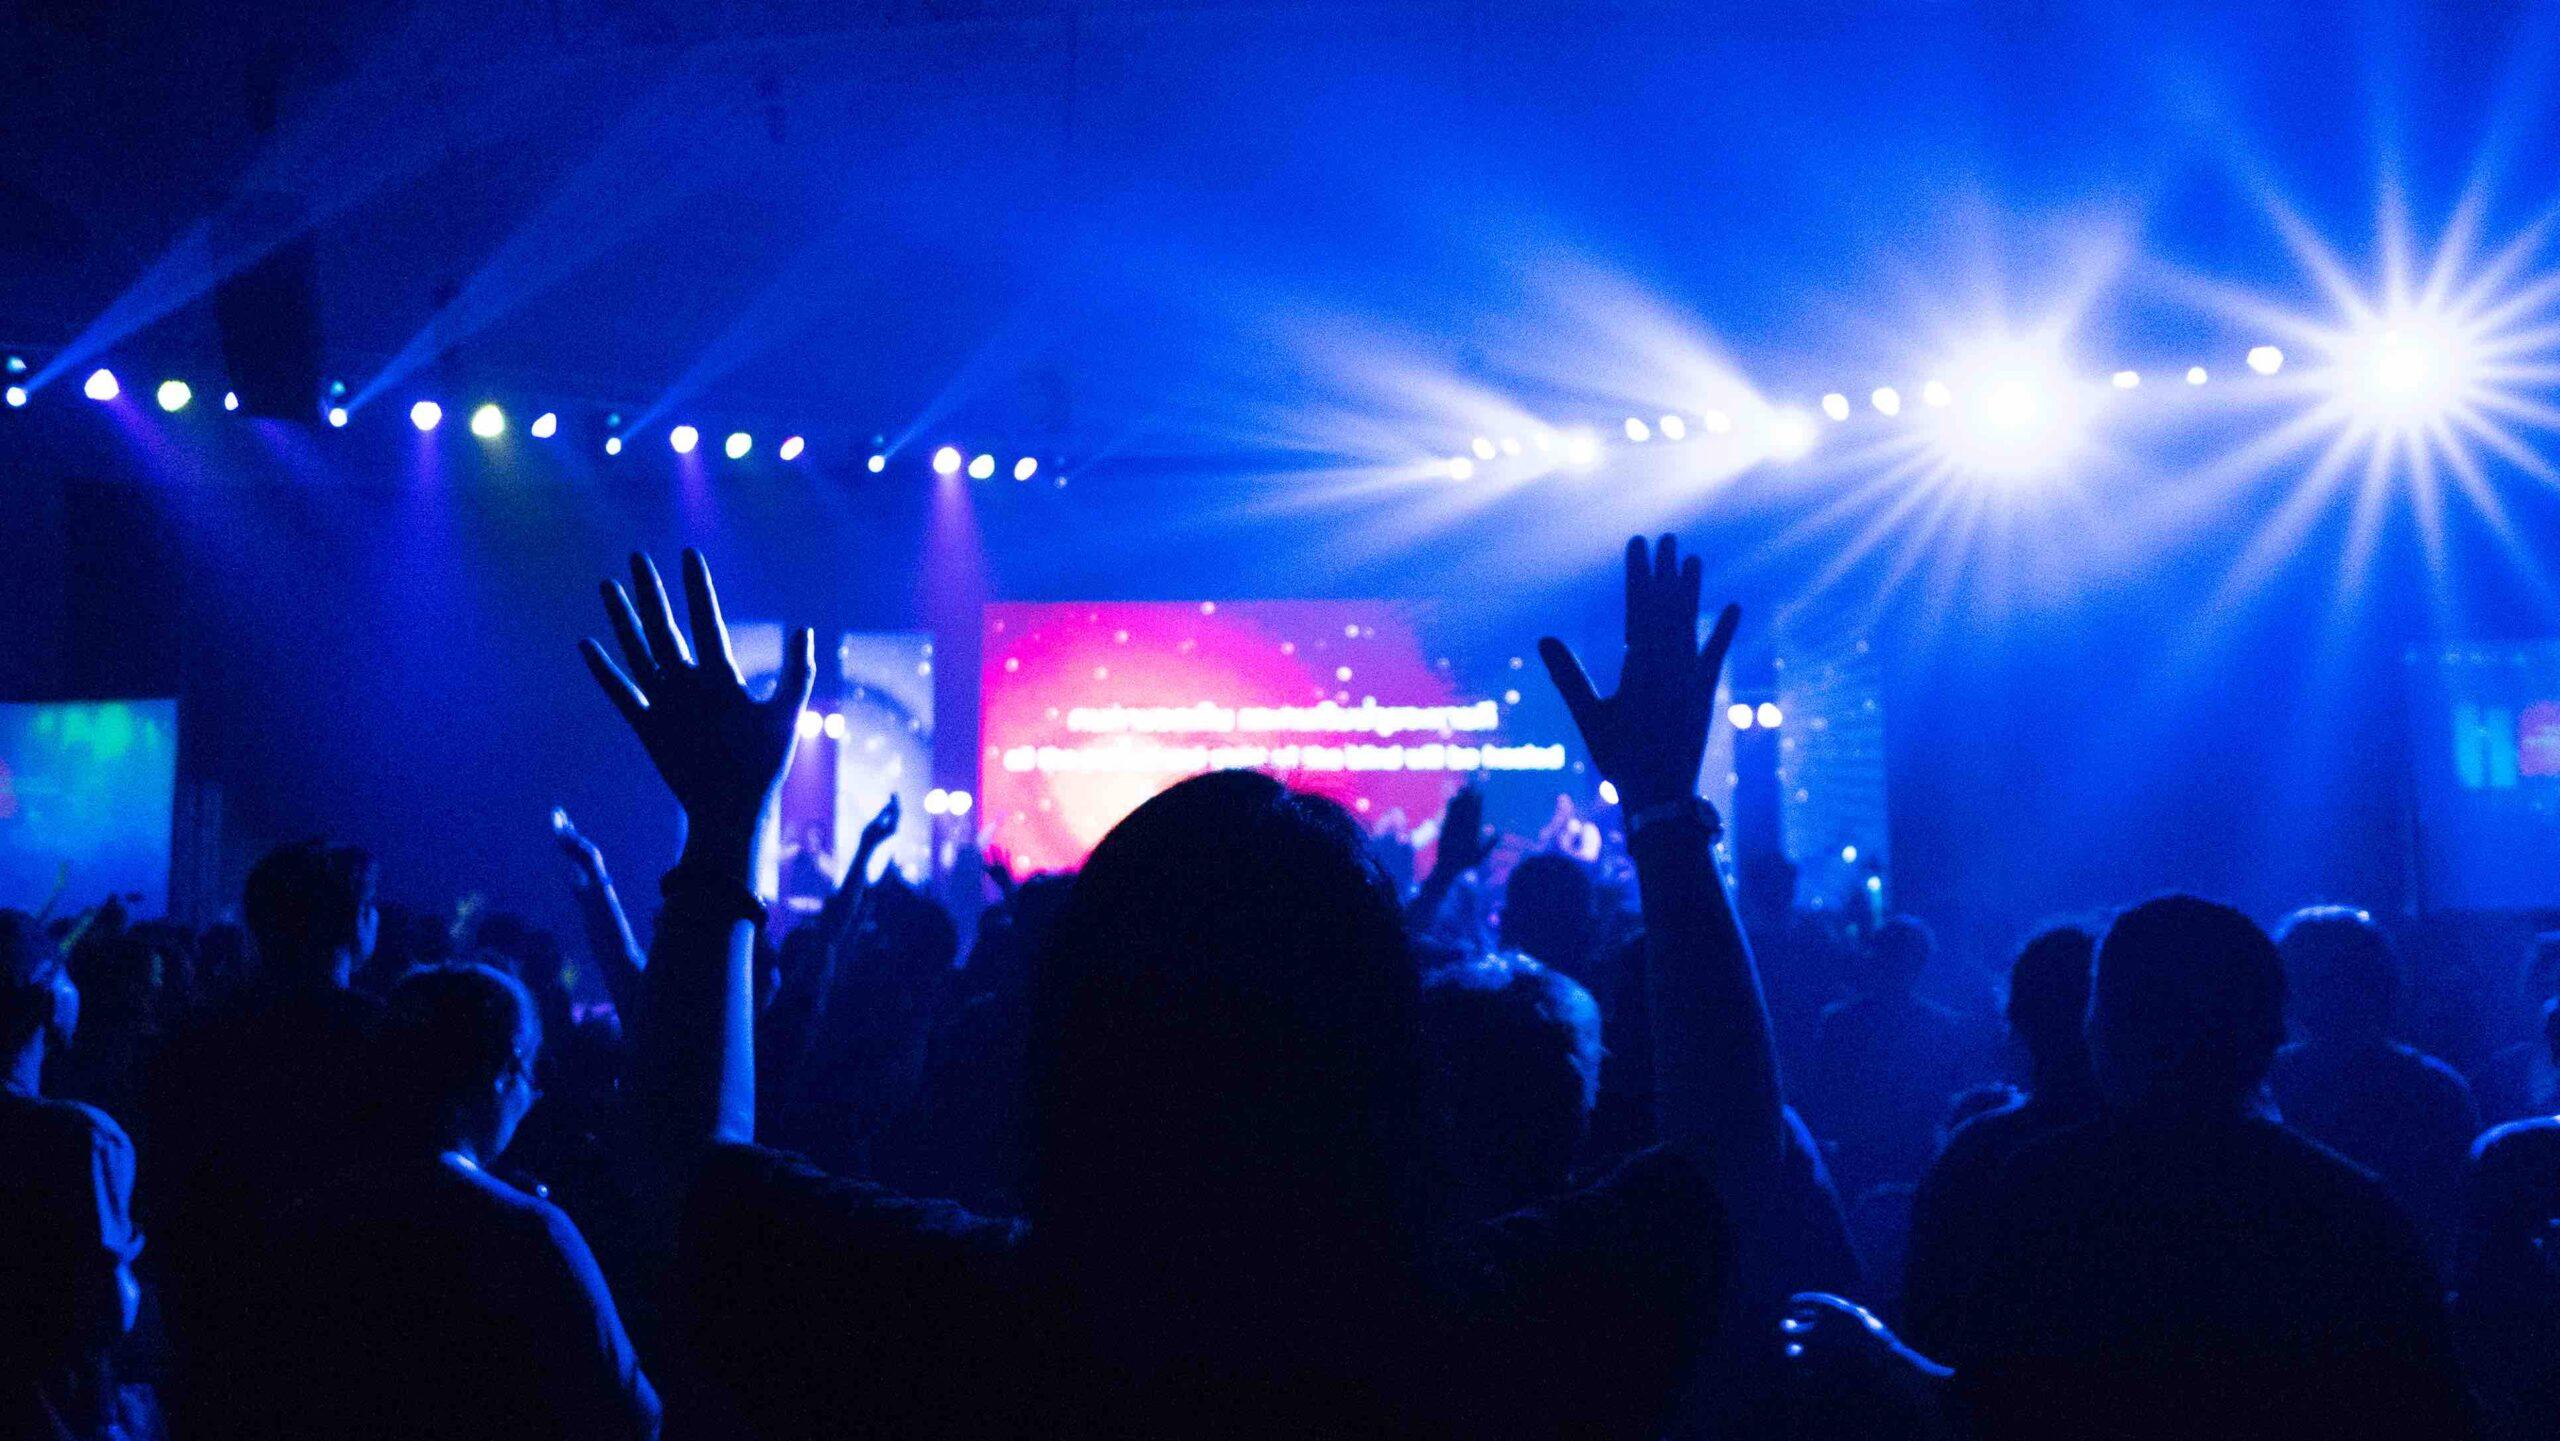 Audio Visual for Churches